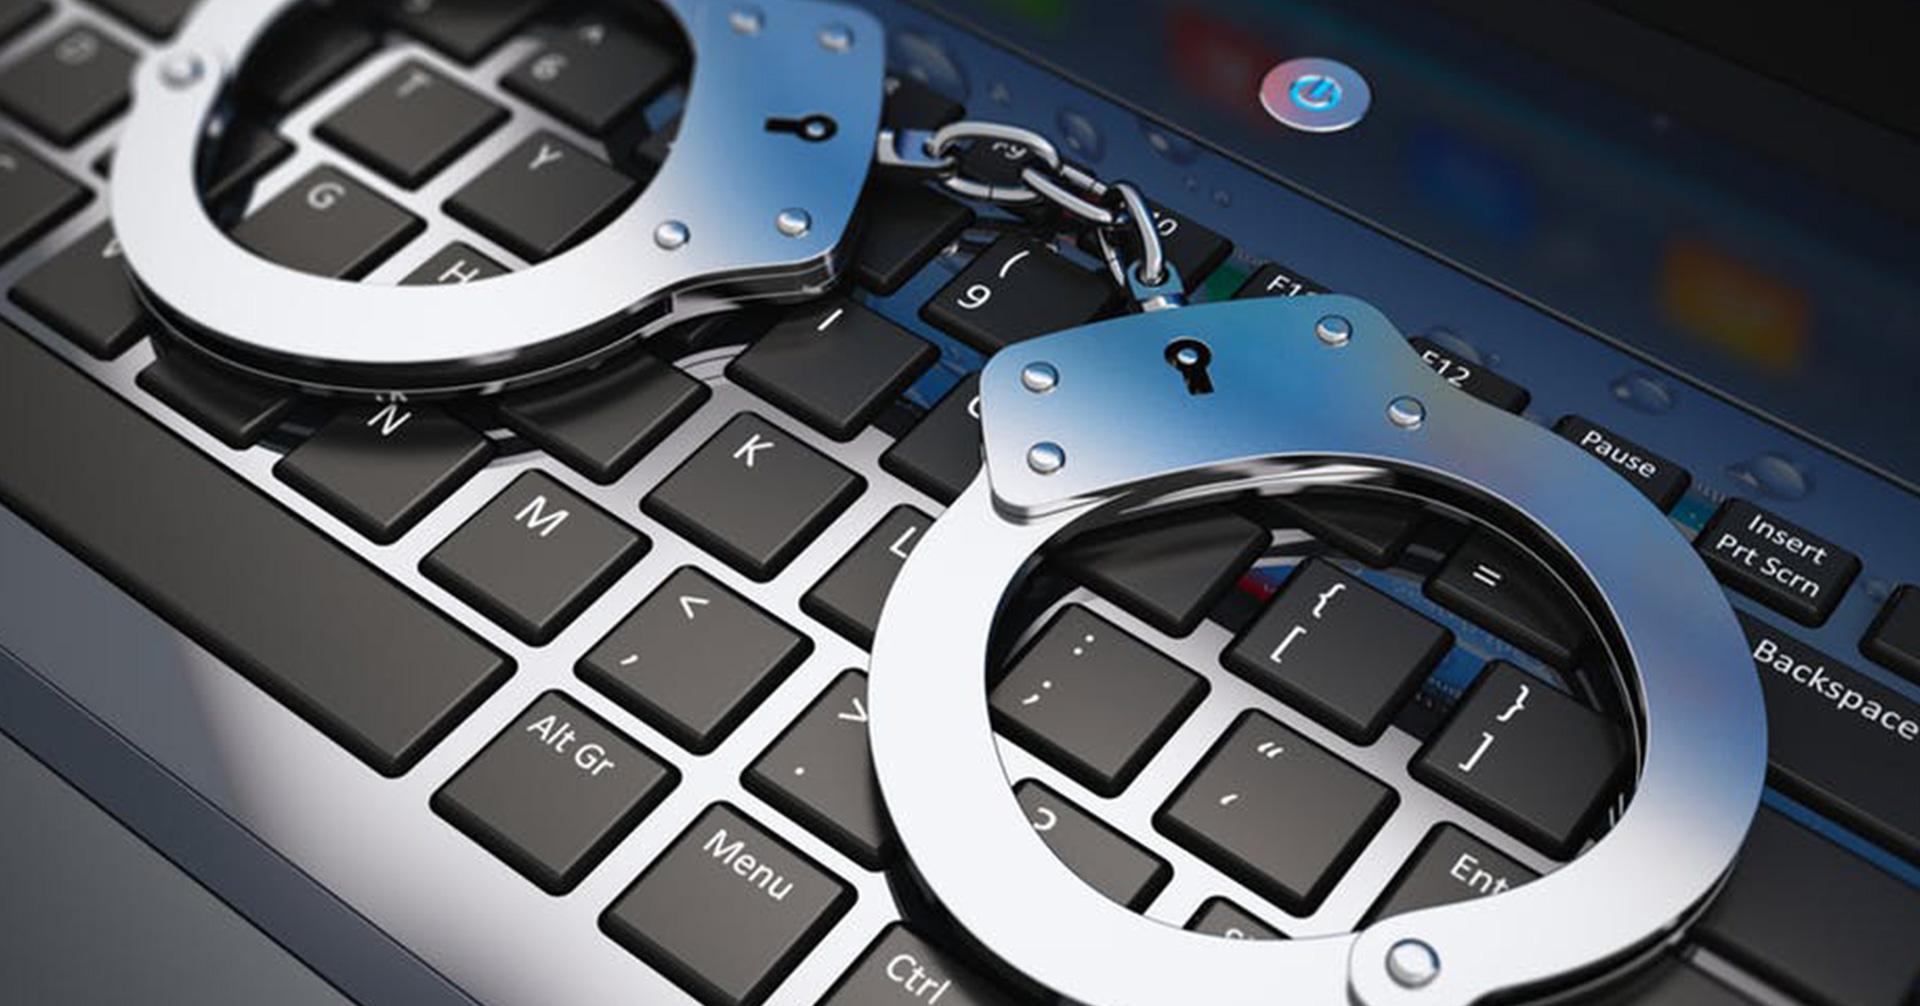 ict-cybercrime